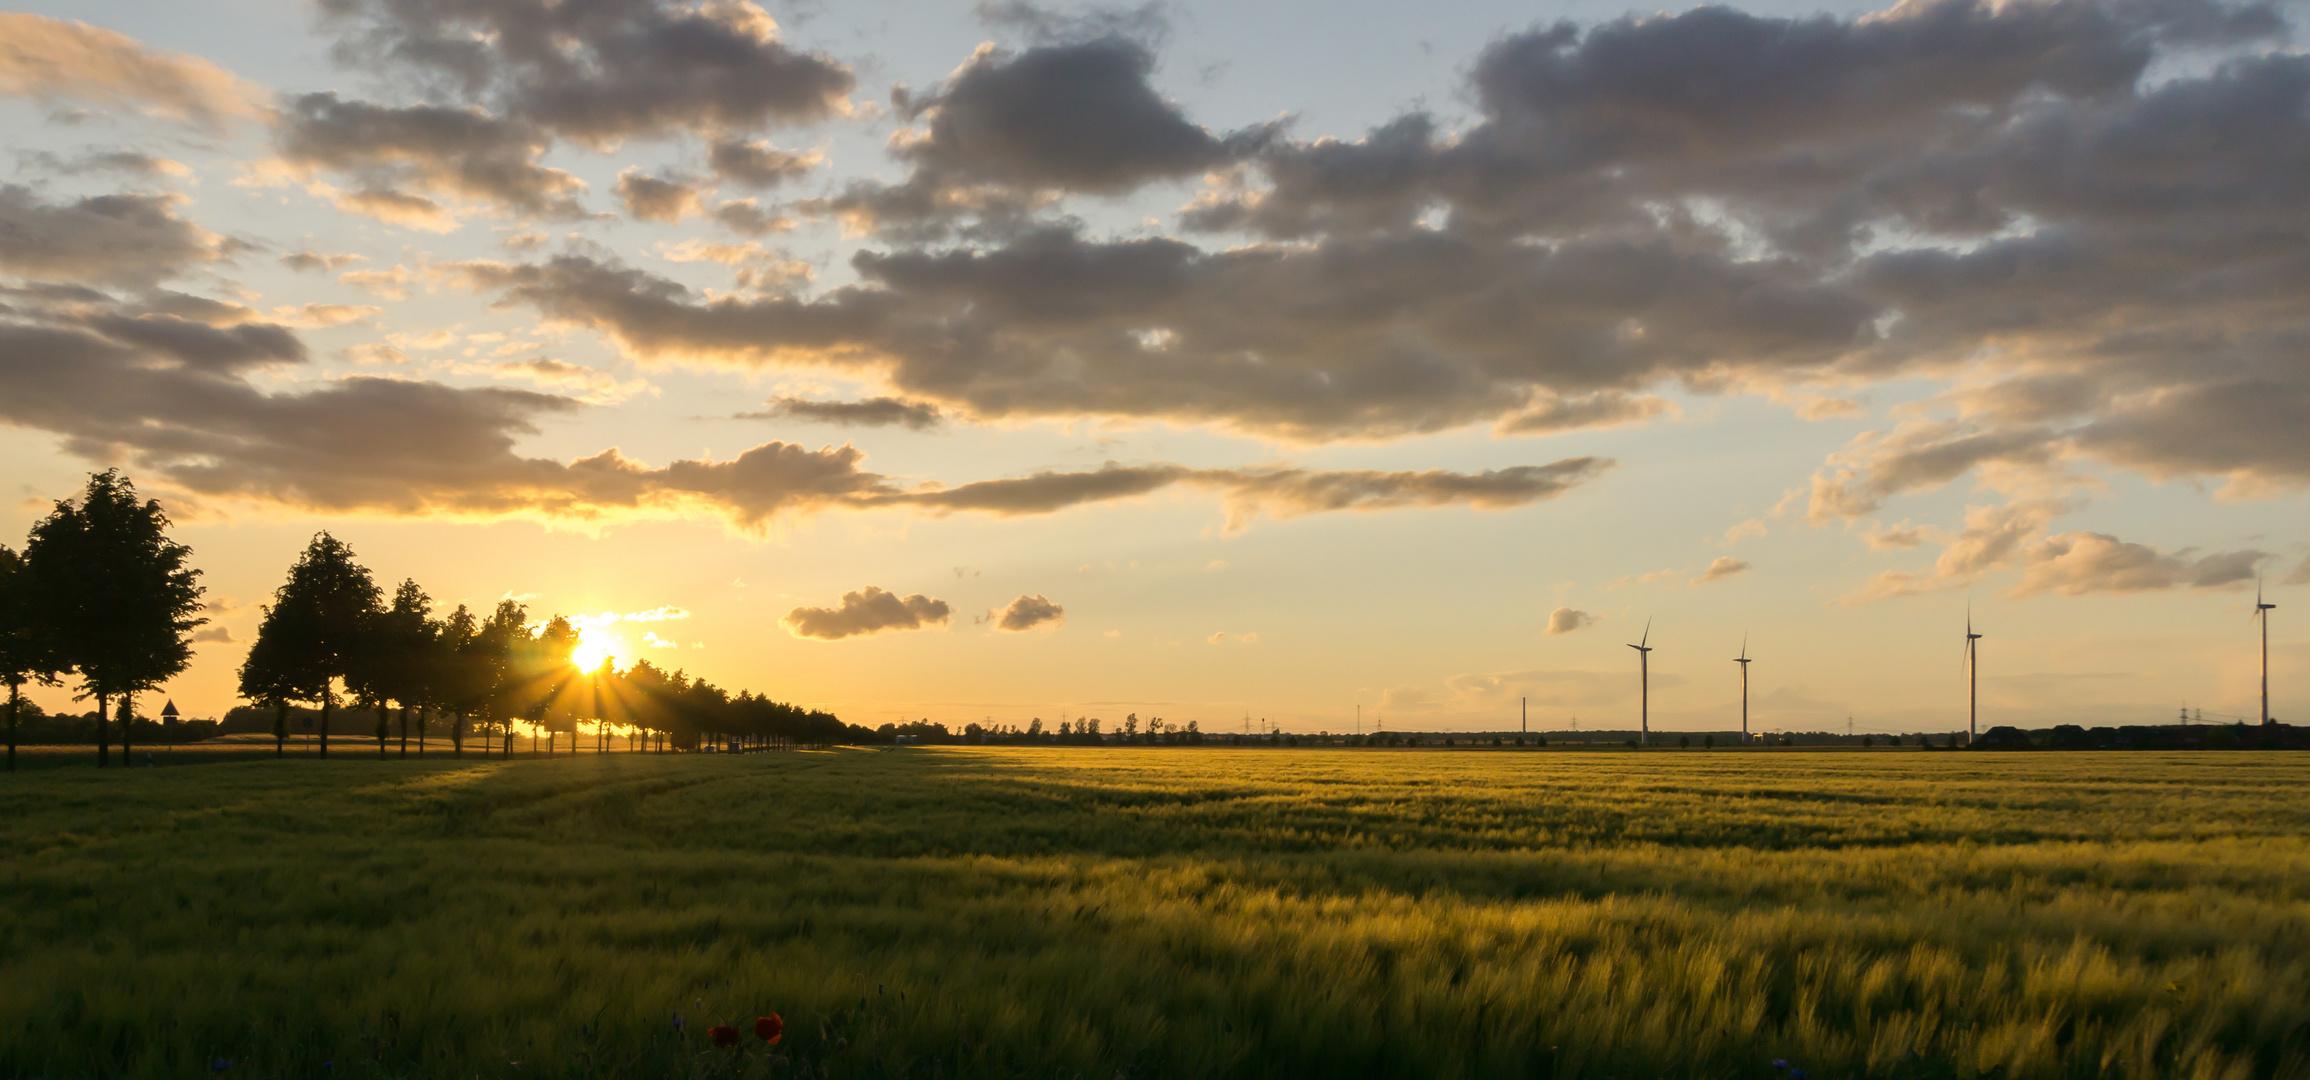 Meine Sicht der untergehenden Sonne